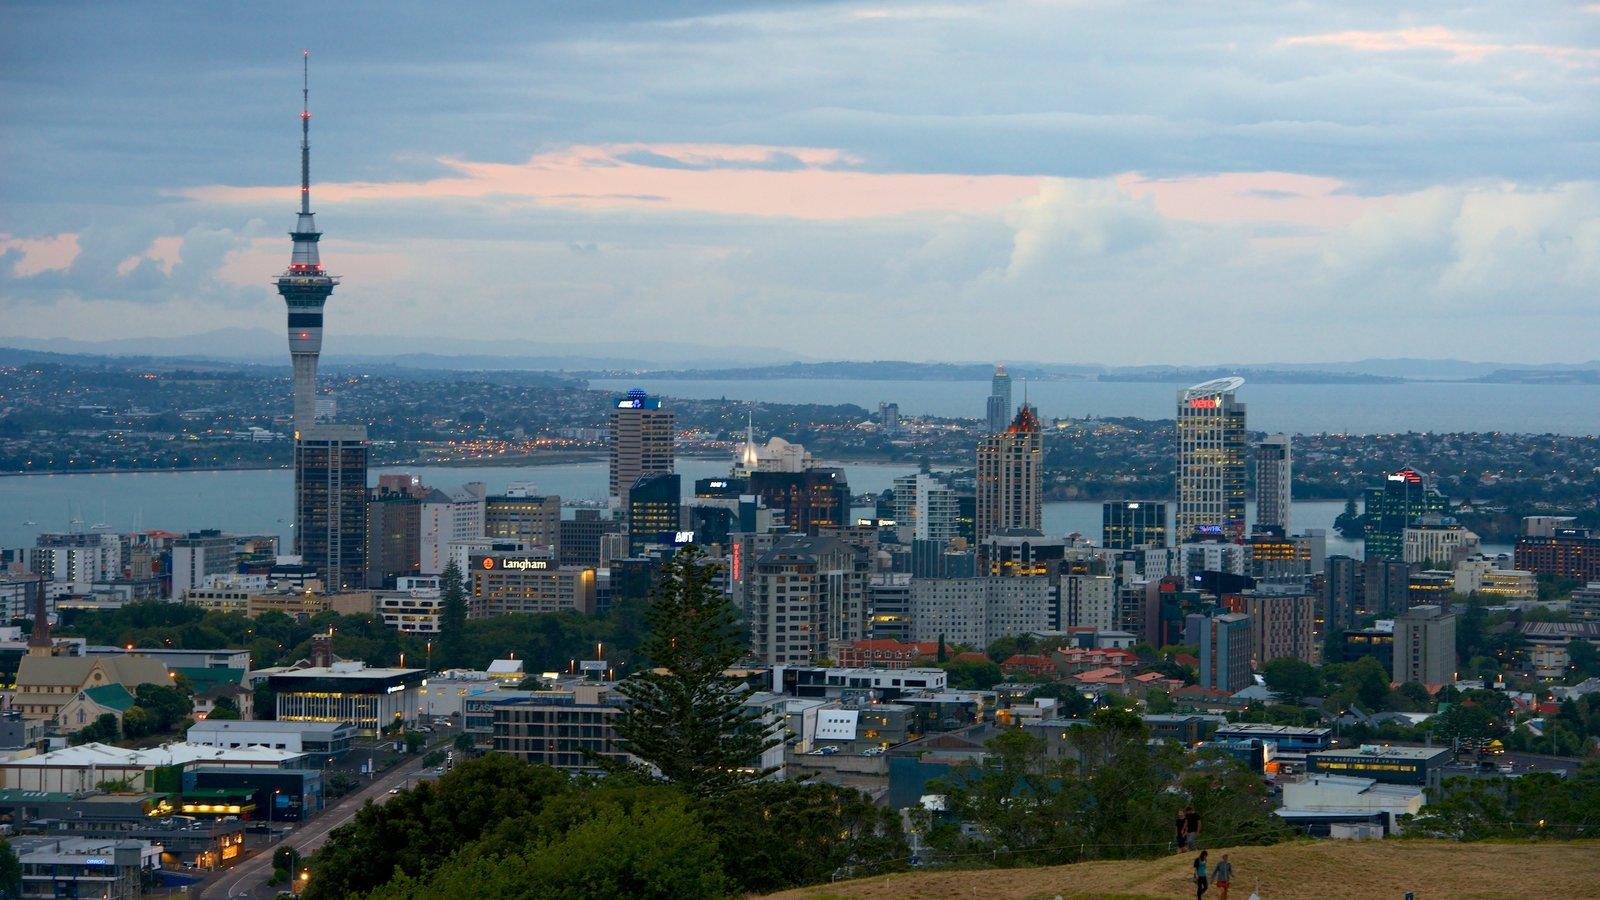 Mt. Eden which includes a skyscraper, cbd and a city